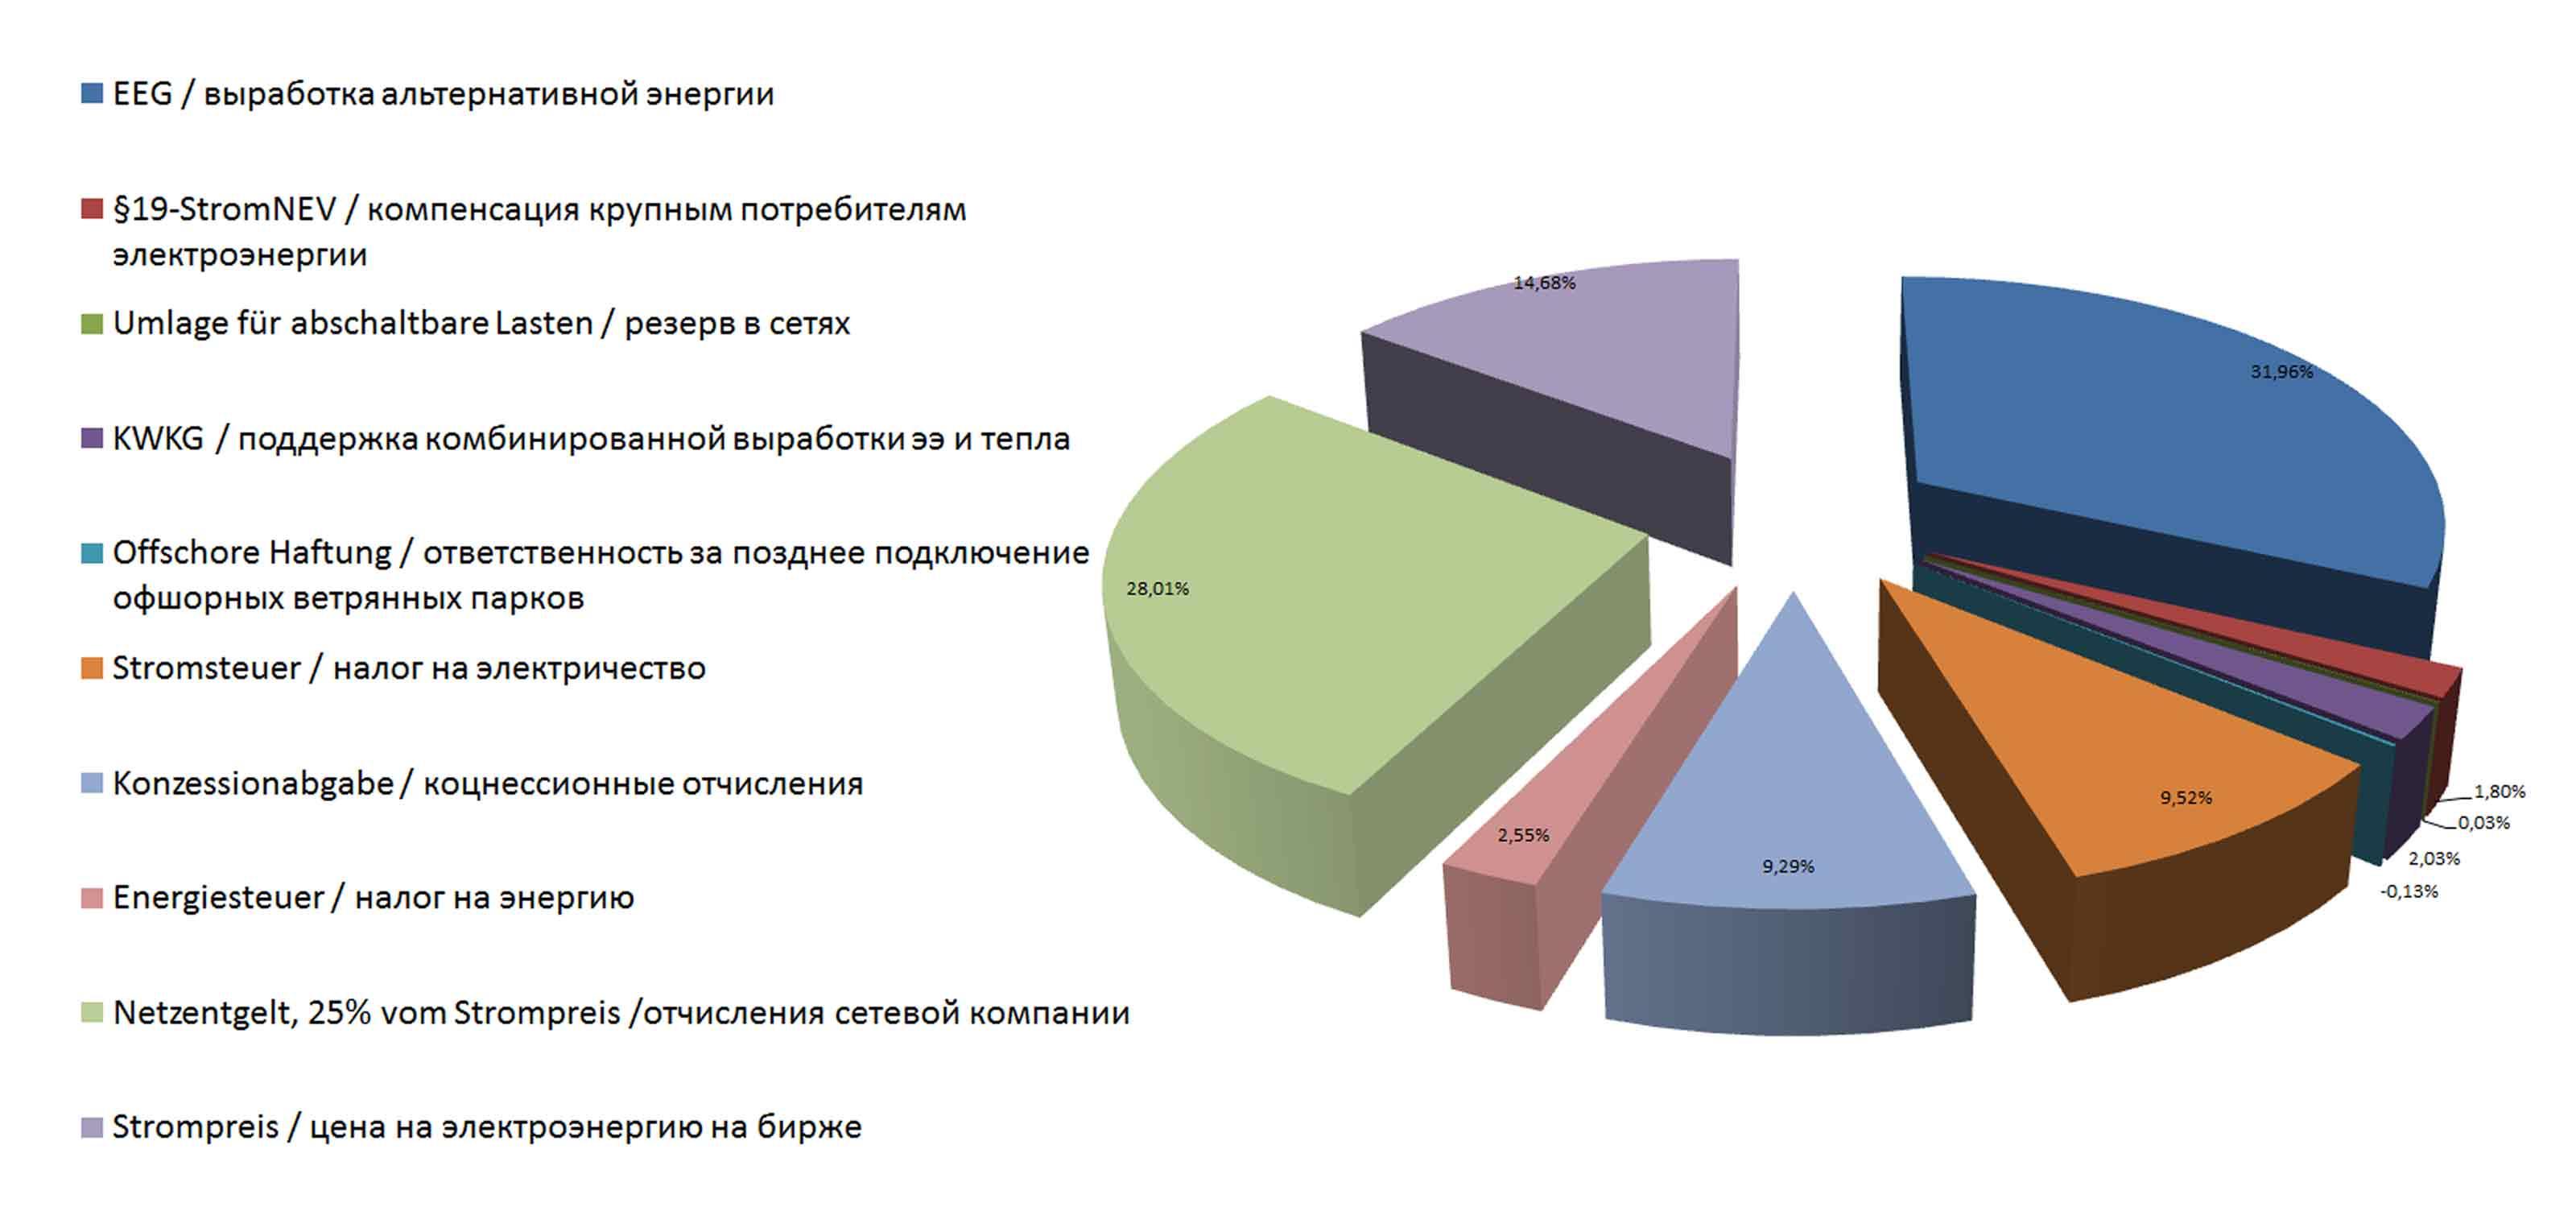 Электроэнергии стоимость час 1 кв москва стоимость 2016 киловатт час